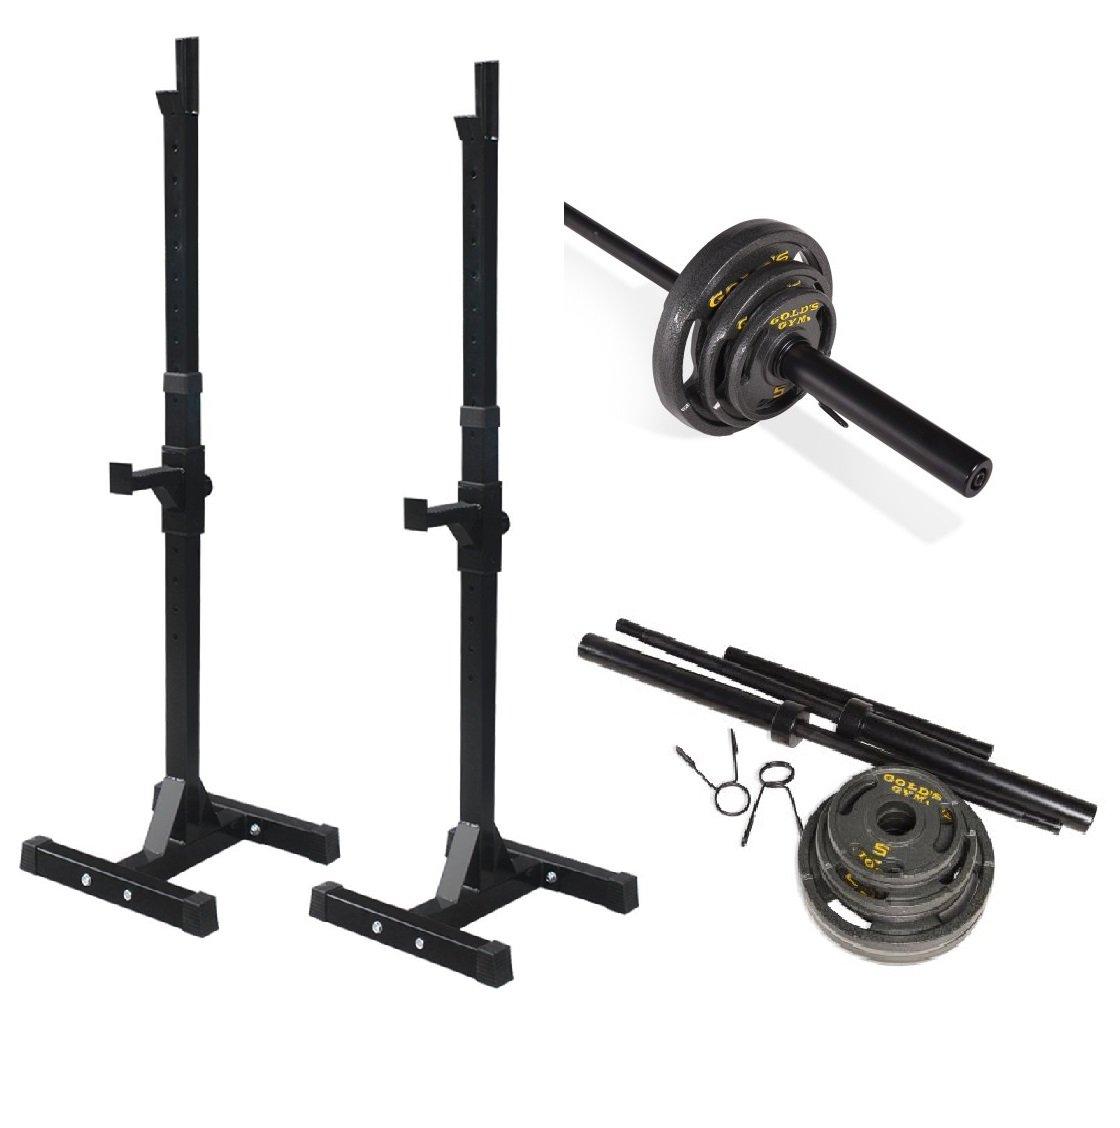 バンドルIncludes :調節可能なラックfor Freeベンチ、押しSquats、オリンピック重量セット、110ポンド B00VR0YHRY